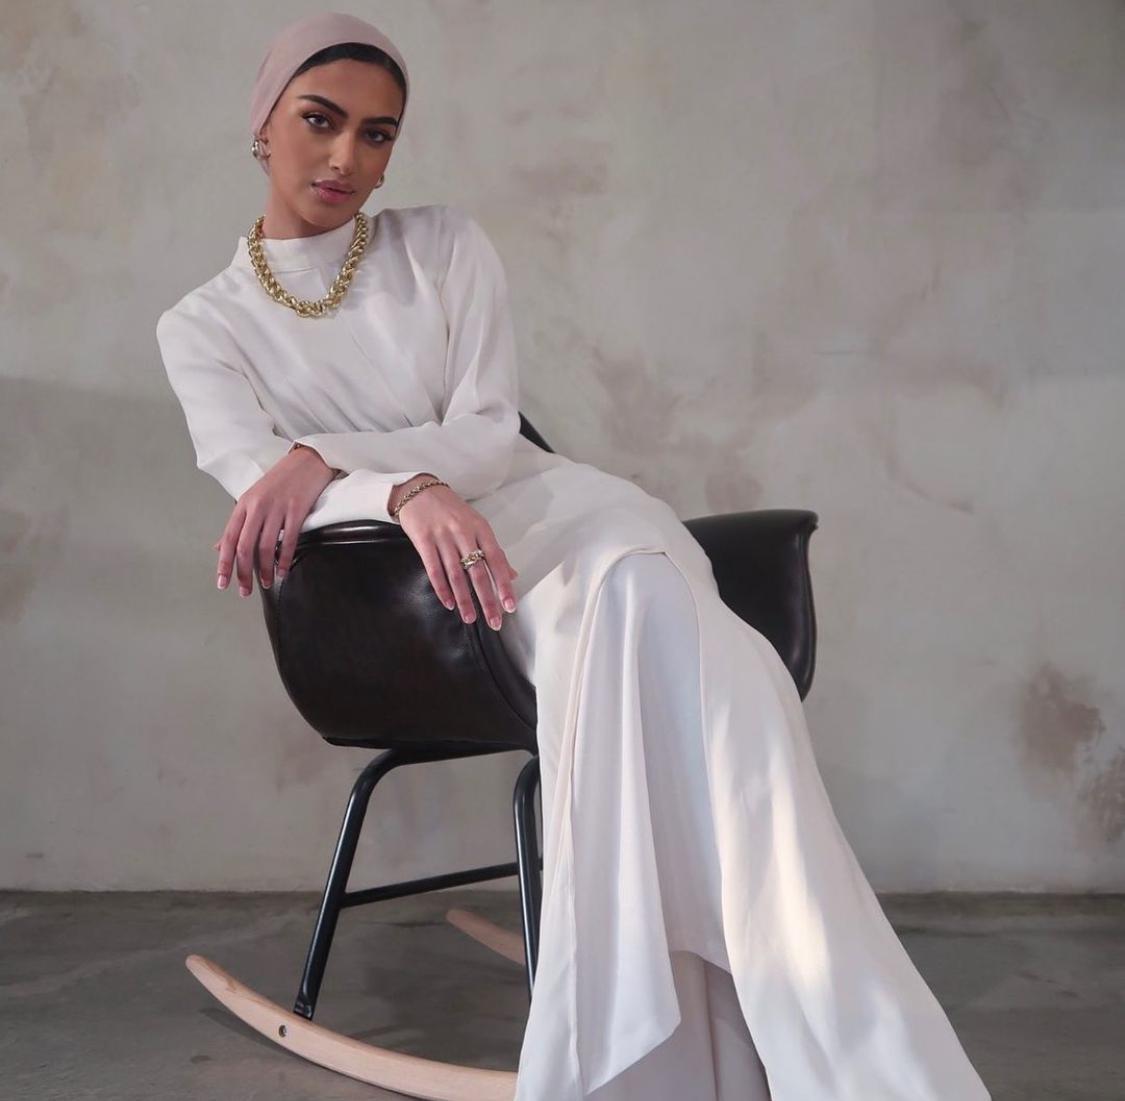 يارا النملة بفستان أبيض كلاسيكي